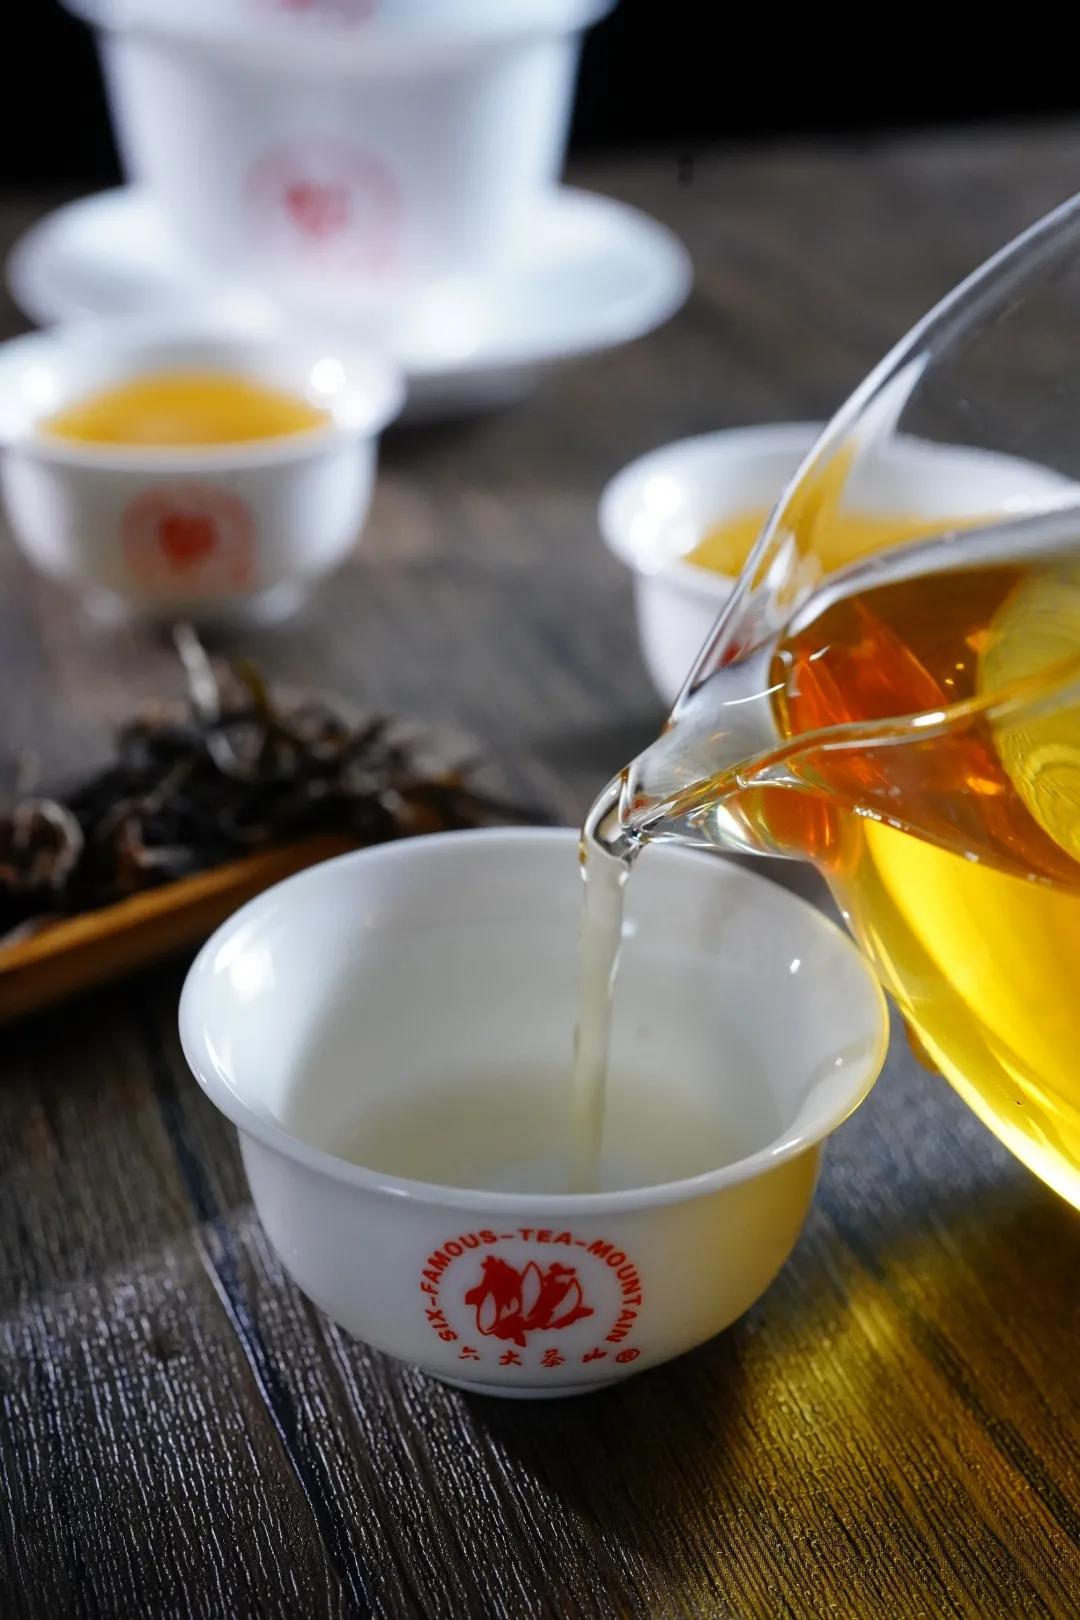 春茶季将至,六山教您挑好茶